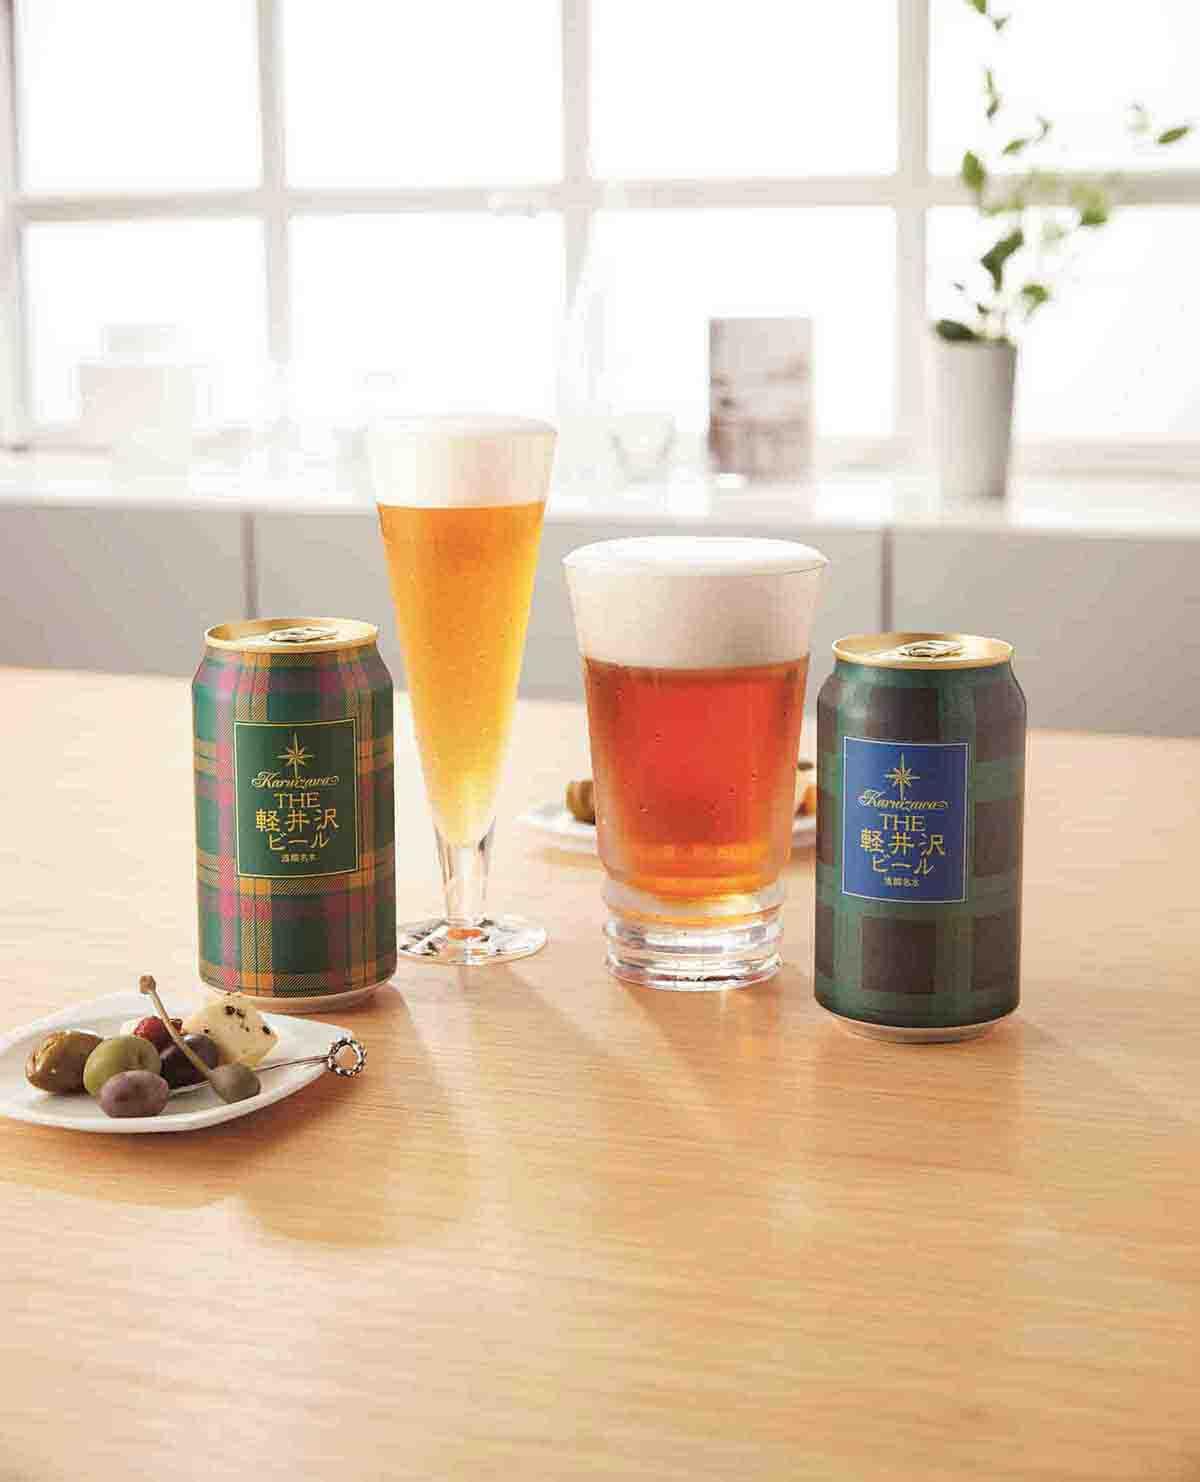 〈軽井沢ブルワリー〉ダブルテイスト タータンビール GJW